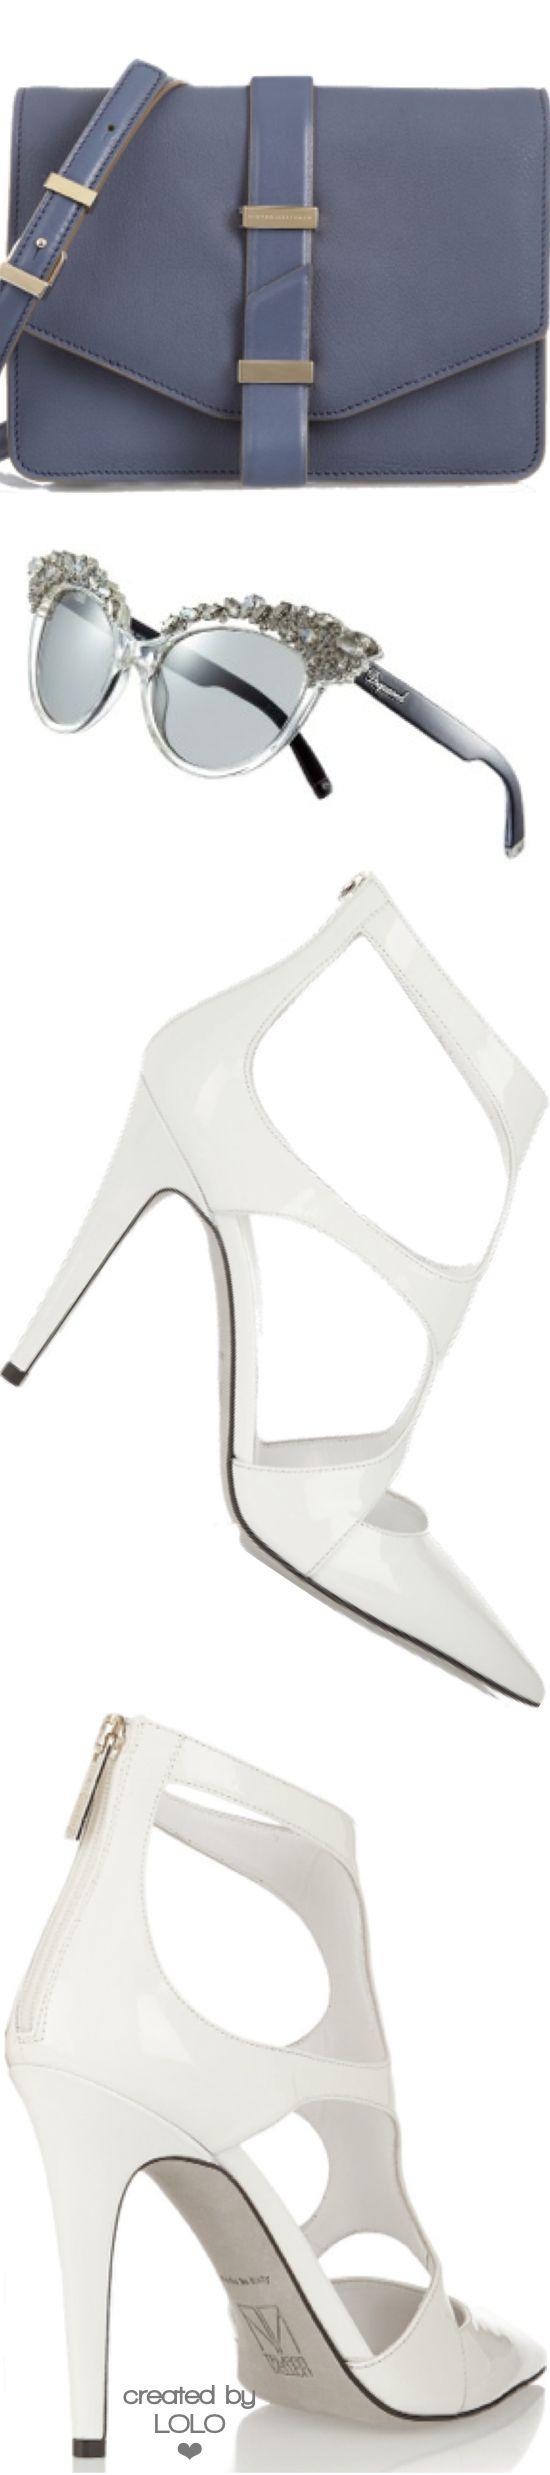 1335 best Fabulous Shoes images on Pinterest